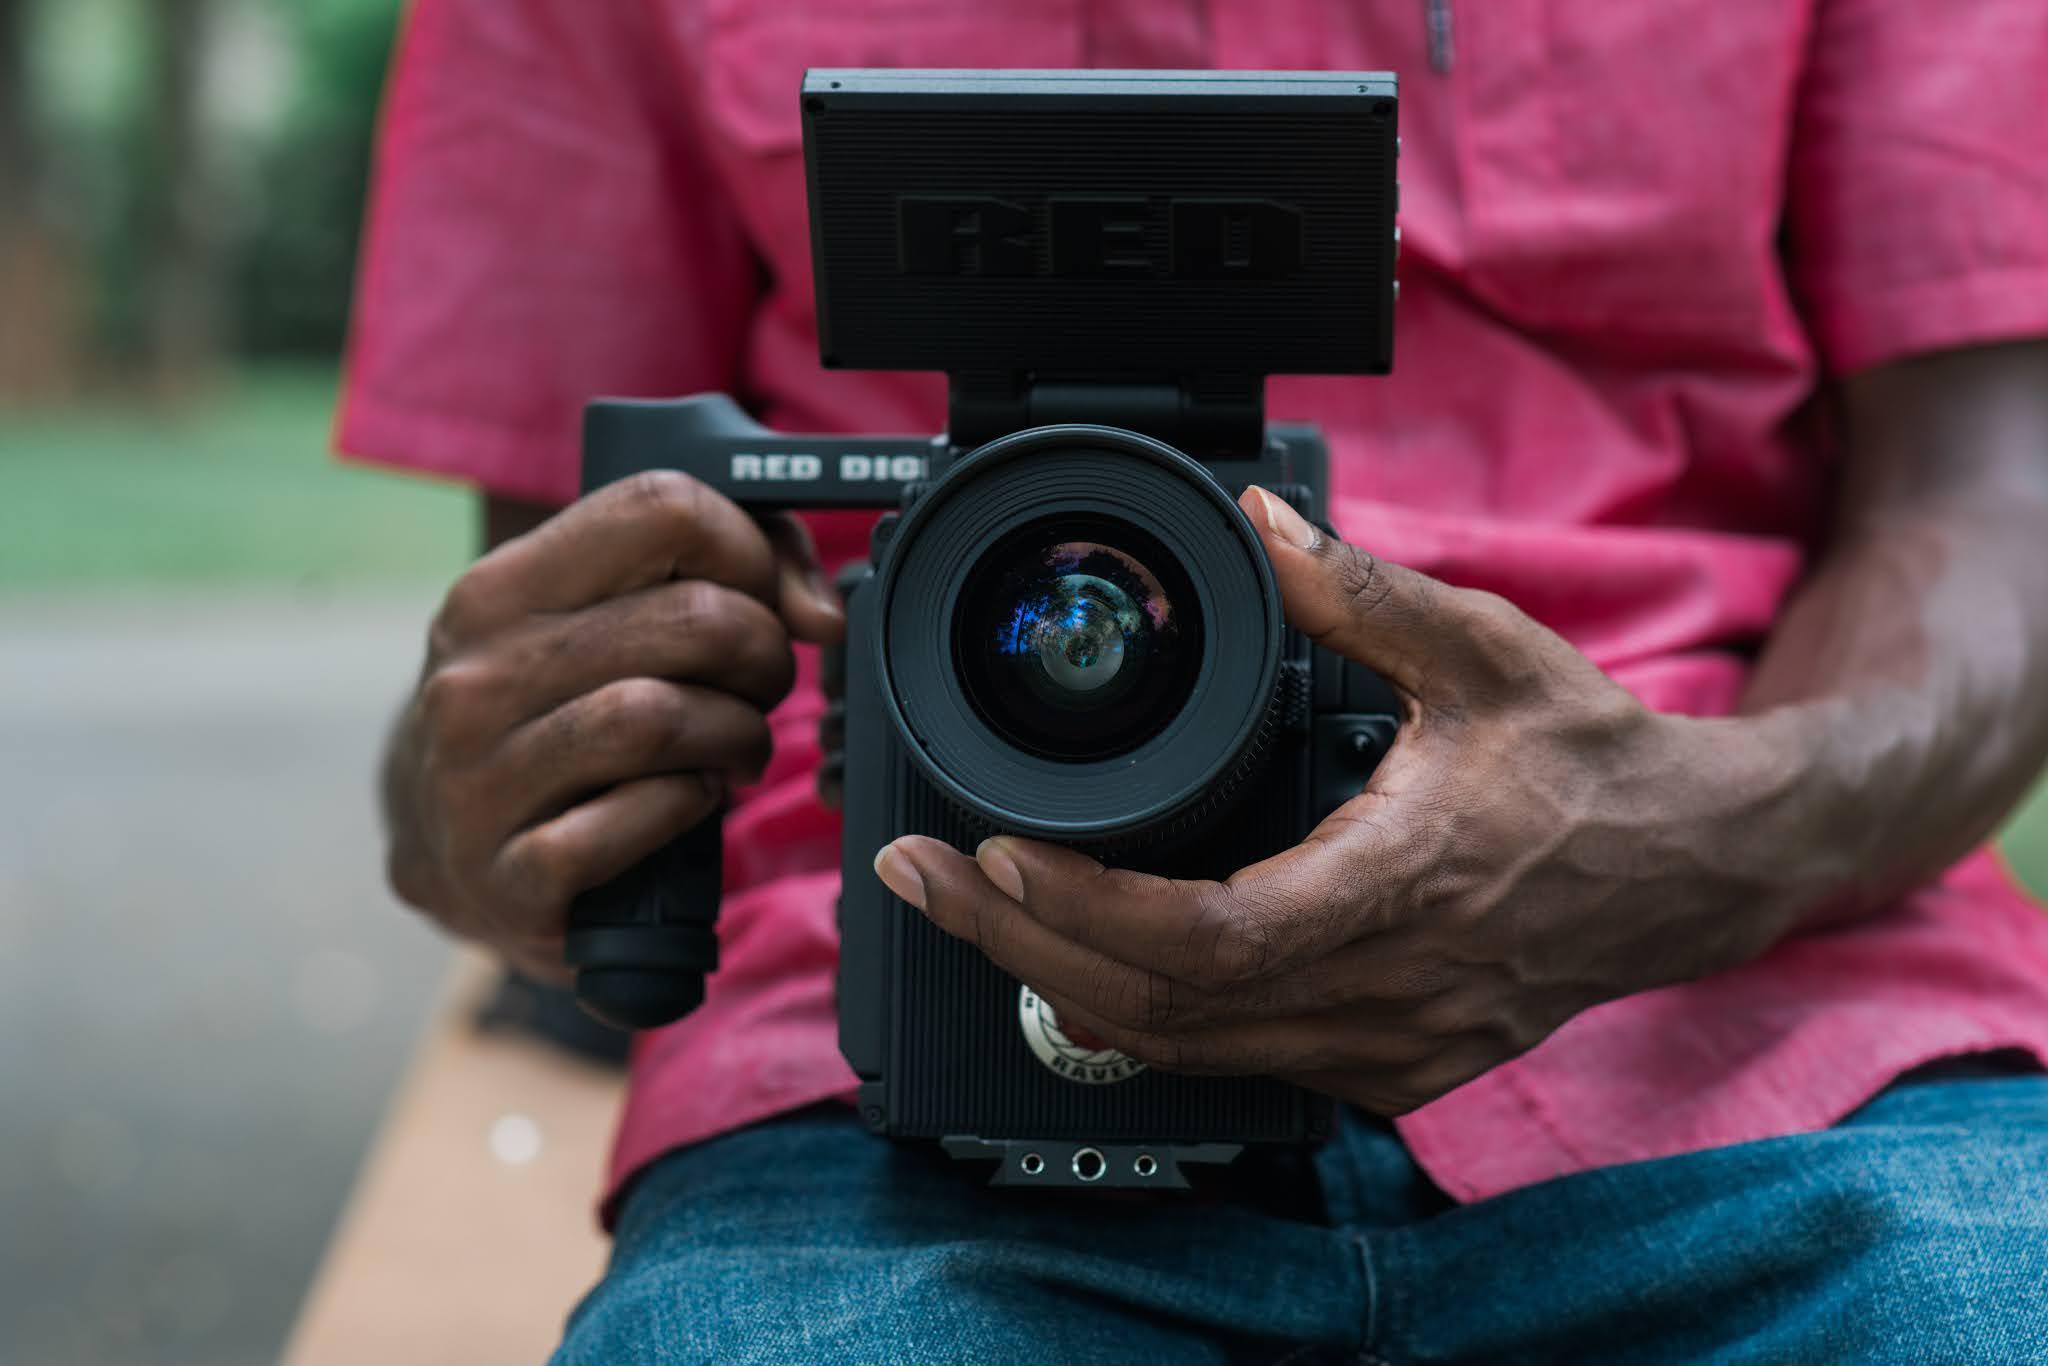 Jesteś blogerem, który robi zdjęcia produktowe? Sprawdź czy posiadasz wszystkie niezbędne do tego rzeczy.